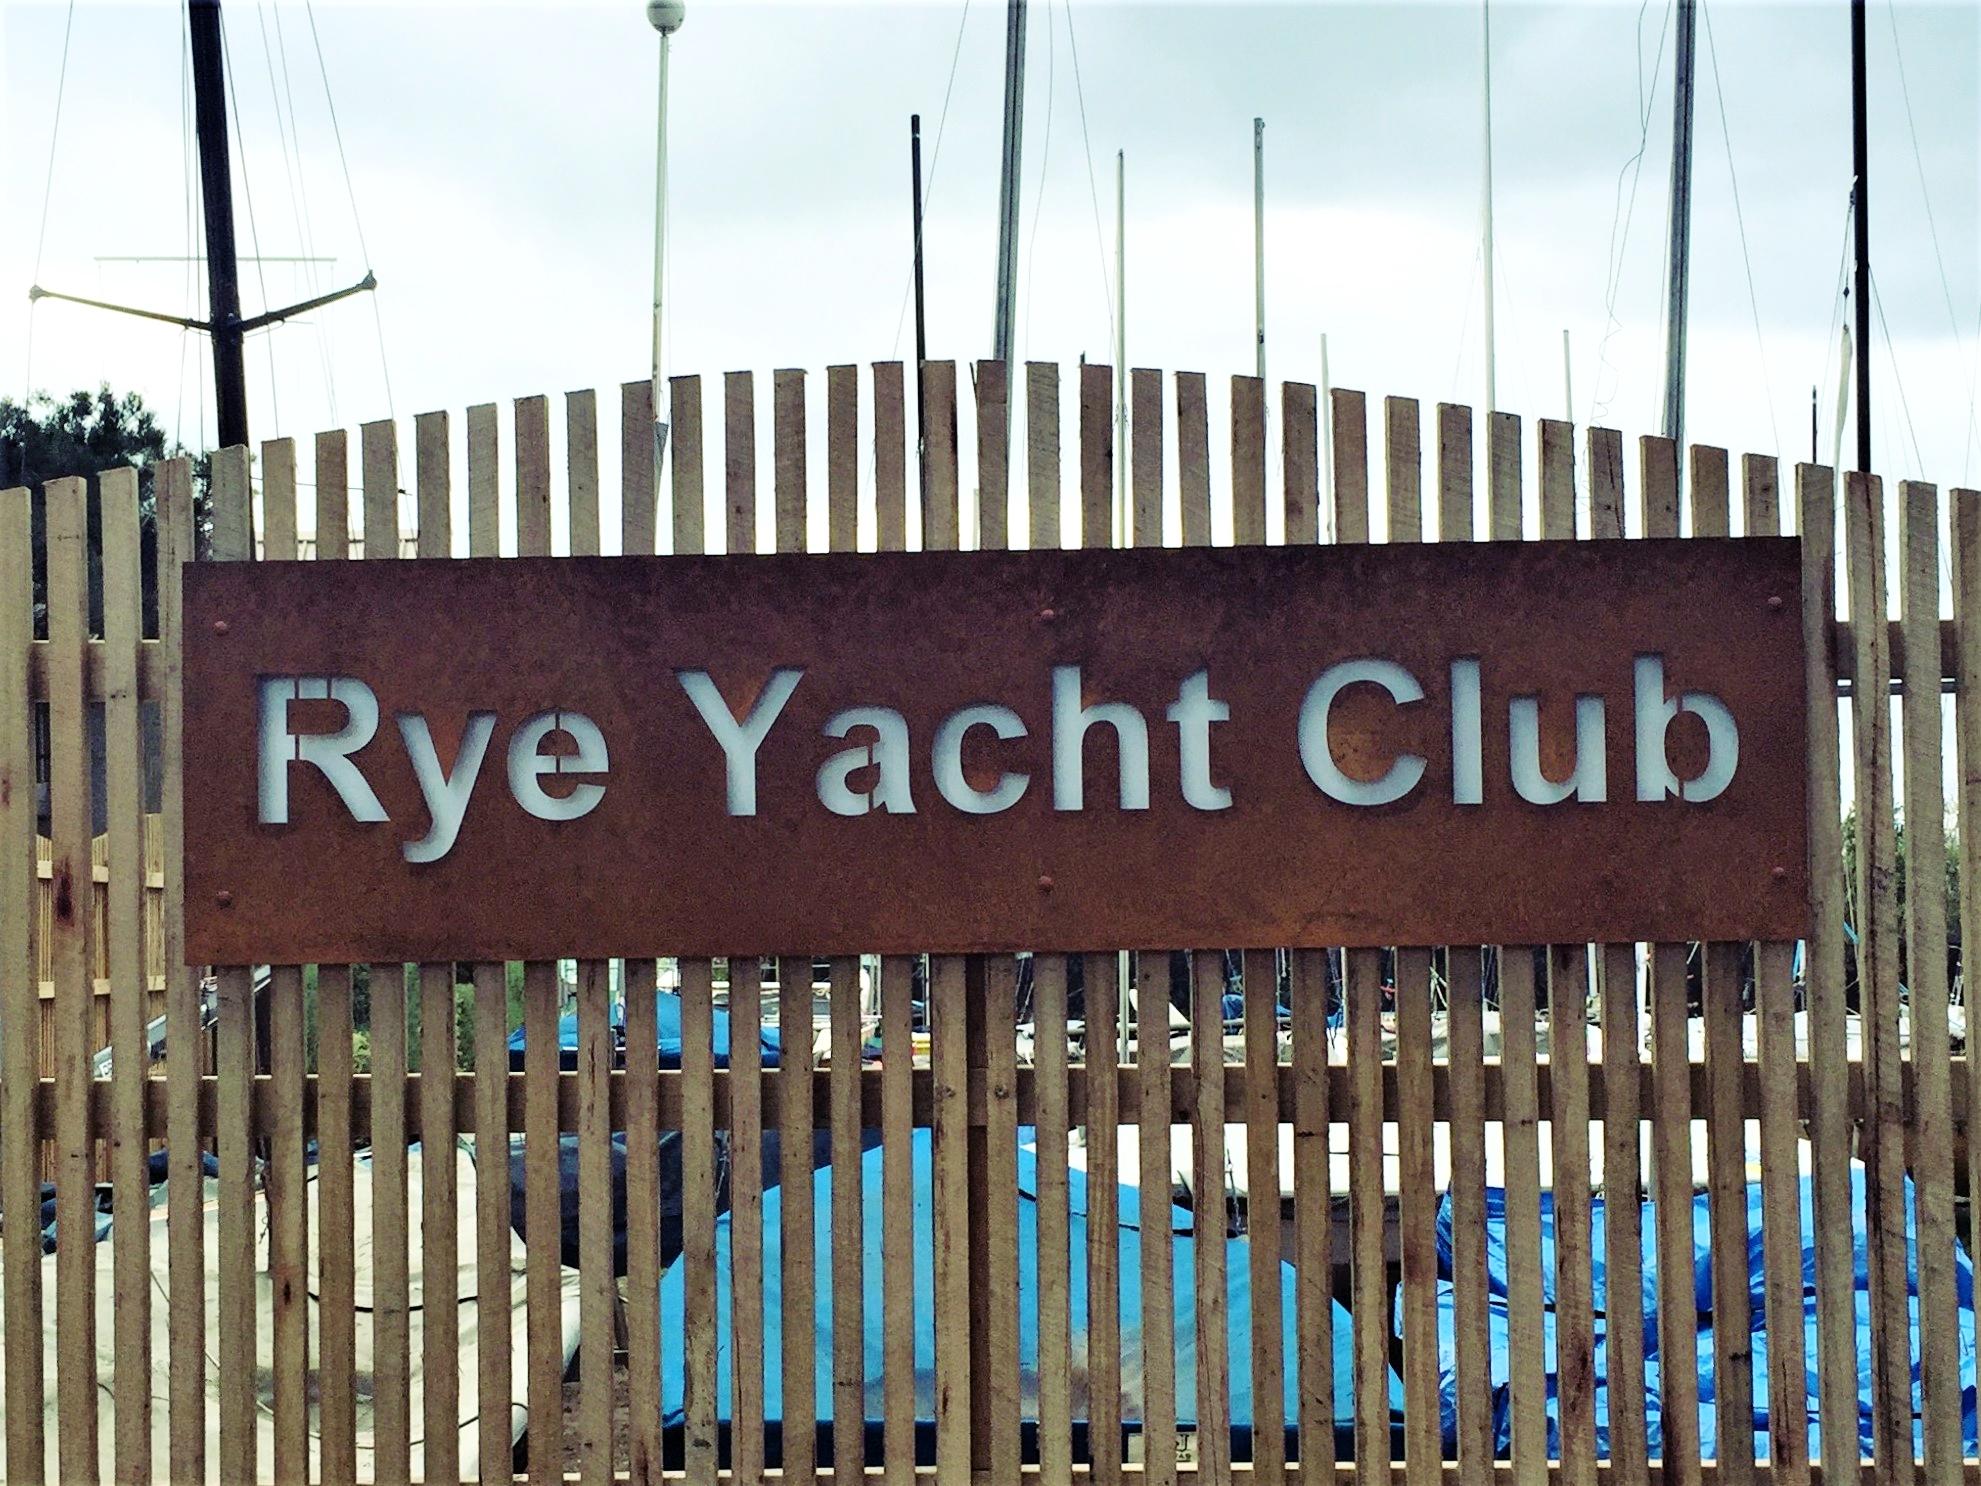 RYE YACHT CLUB SIGN